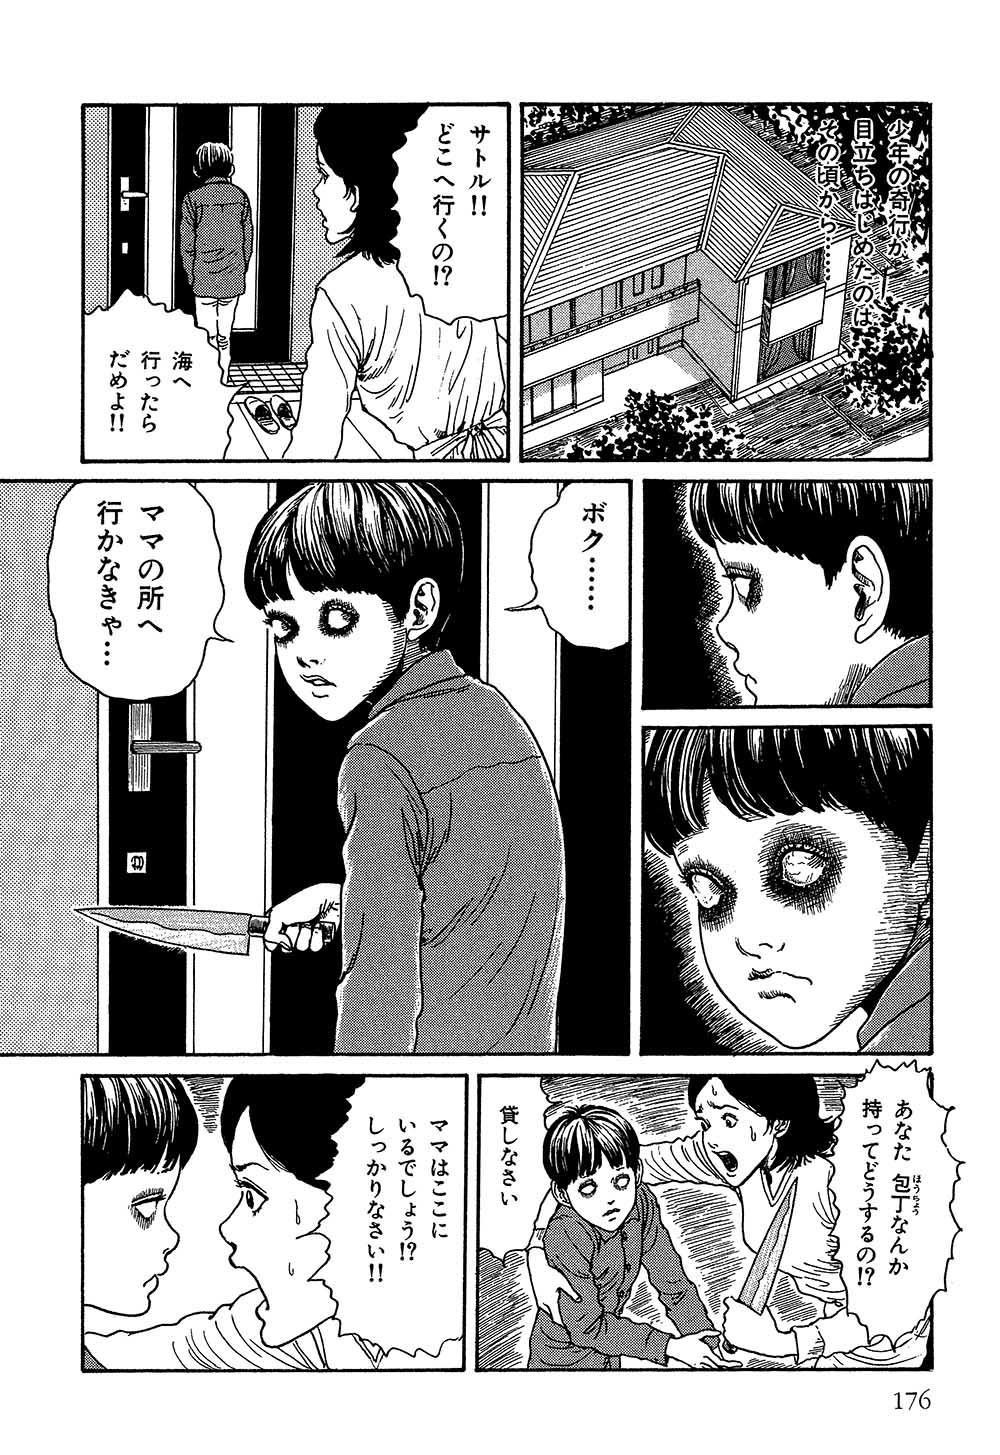 itouj_0002_0178.jpg